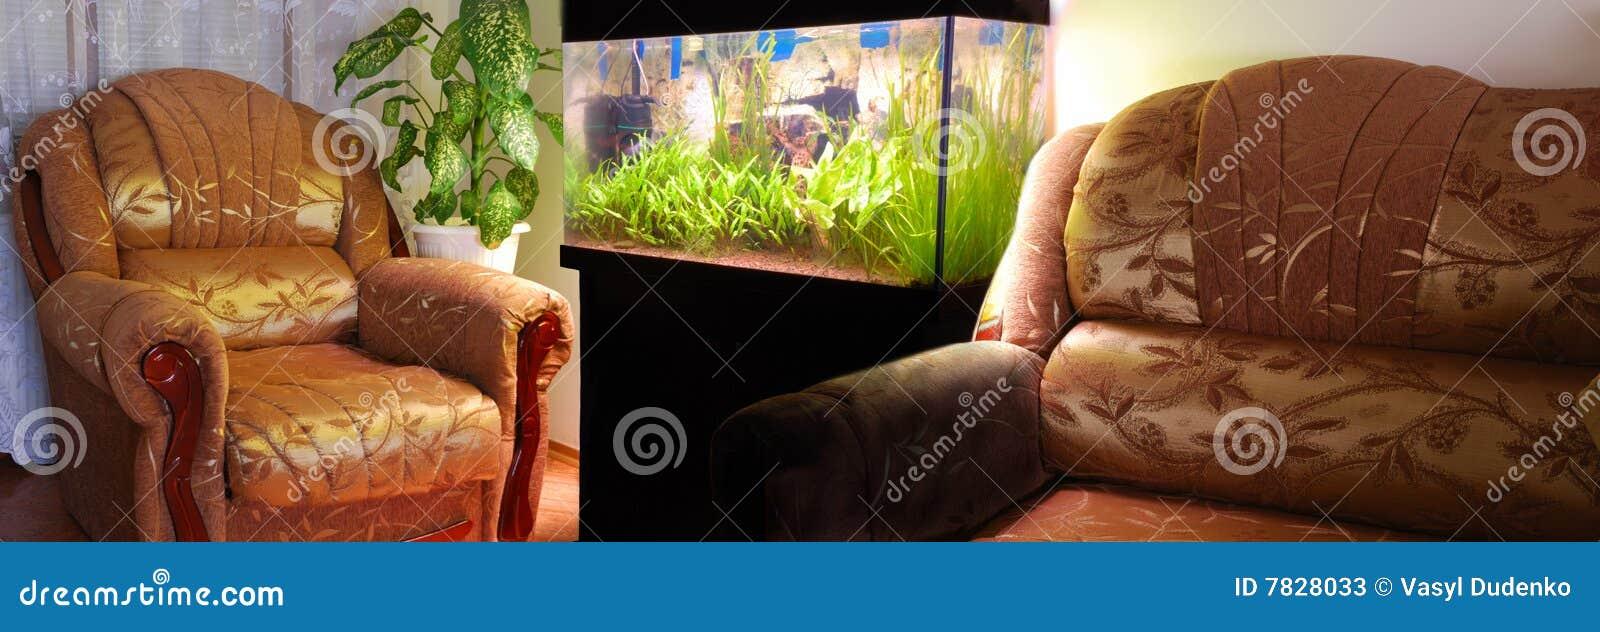 Charmant Download Möbel Und Aquarium Stockbild. Bild Von Innen, Tageslicht   7828033